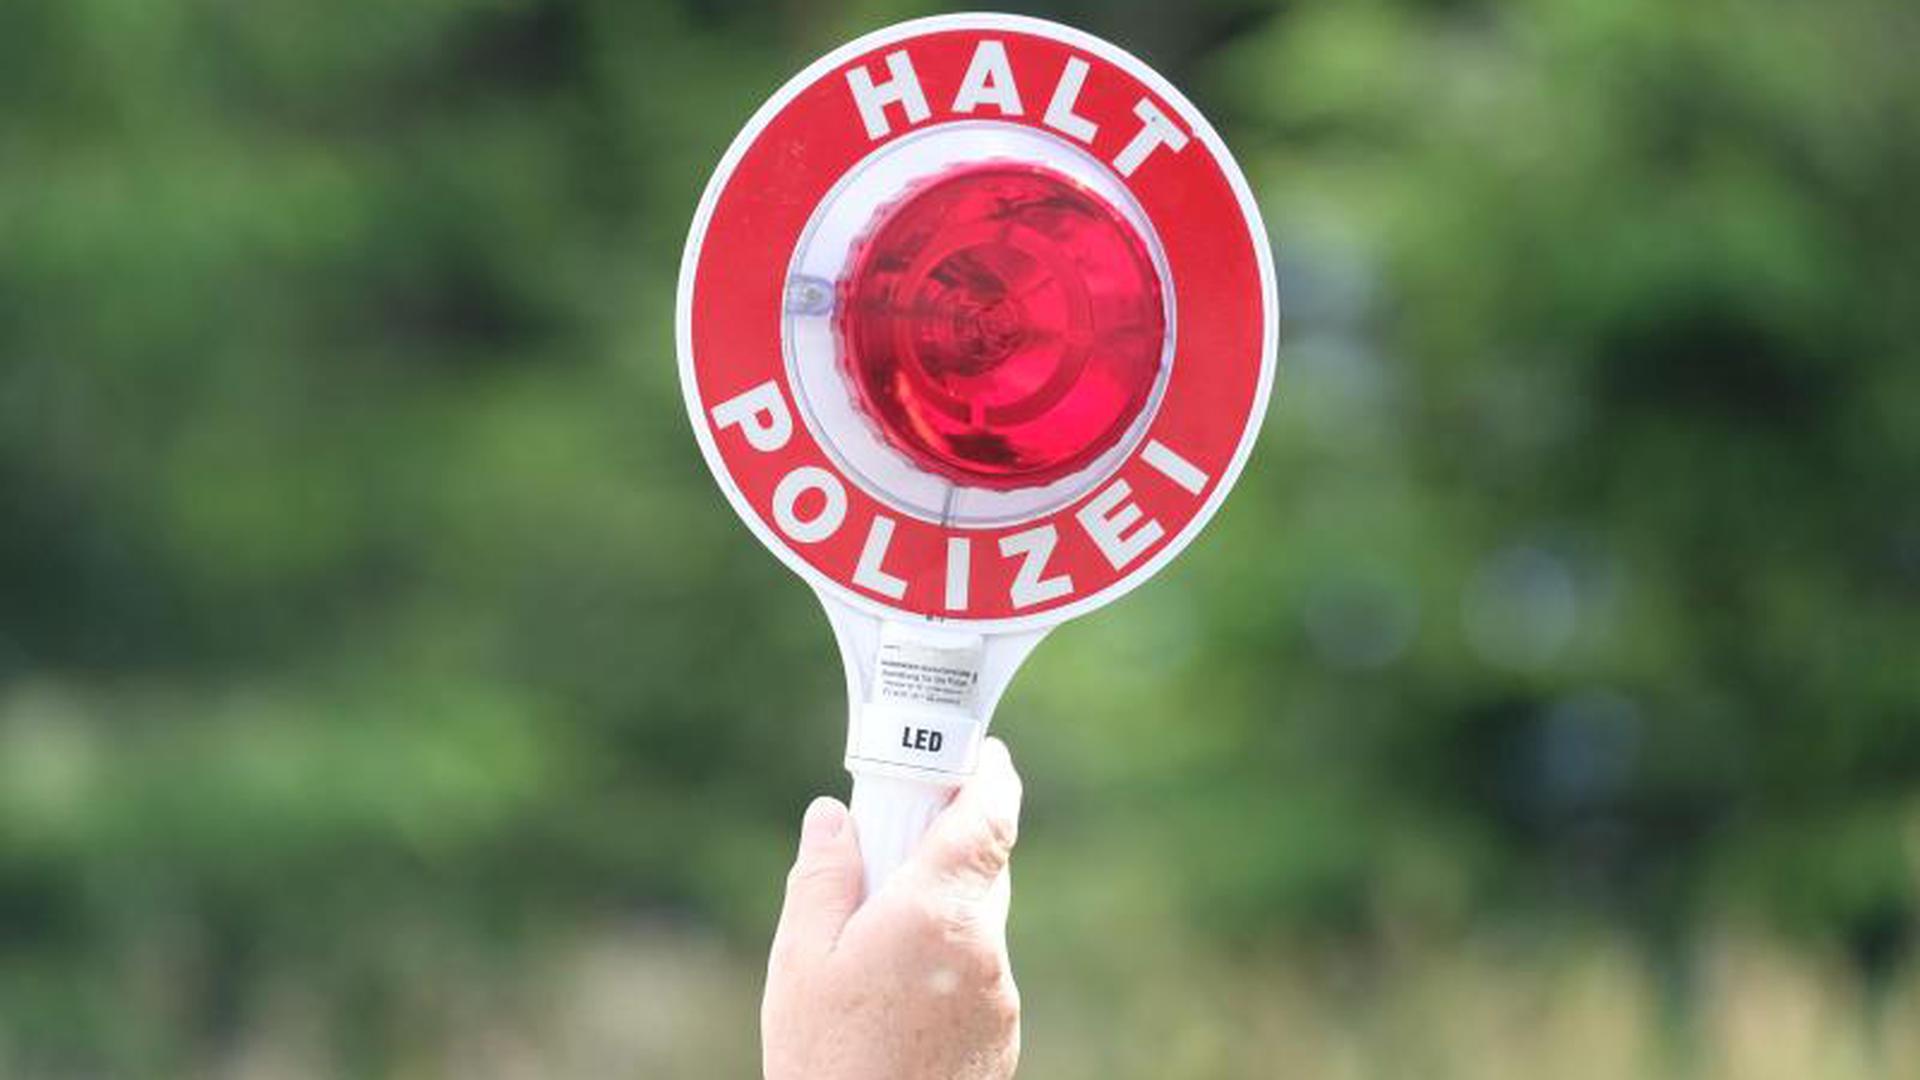 Eine Polizisten hält eine rote Winkerkelle in die Höhe